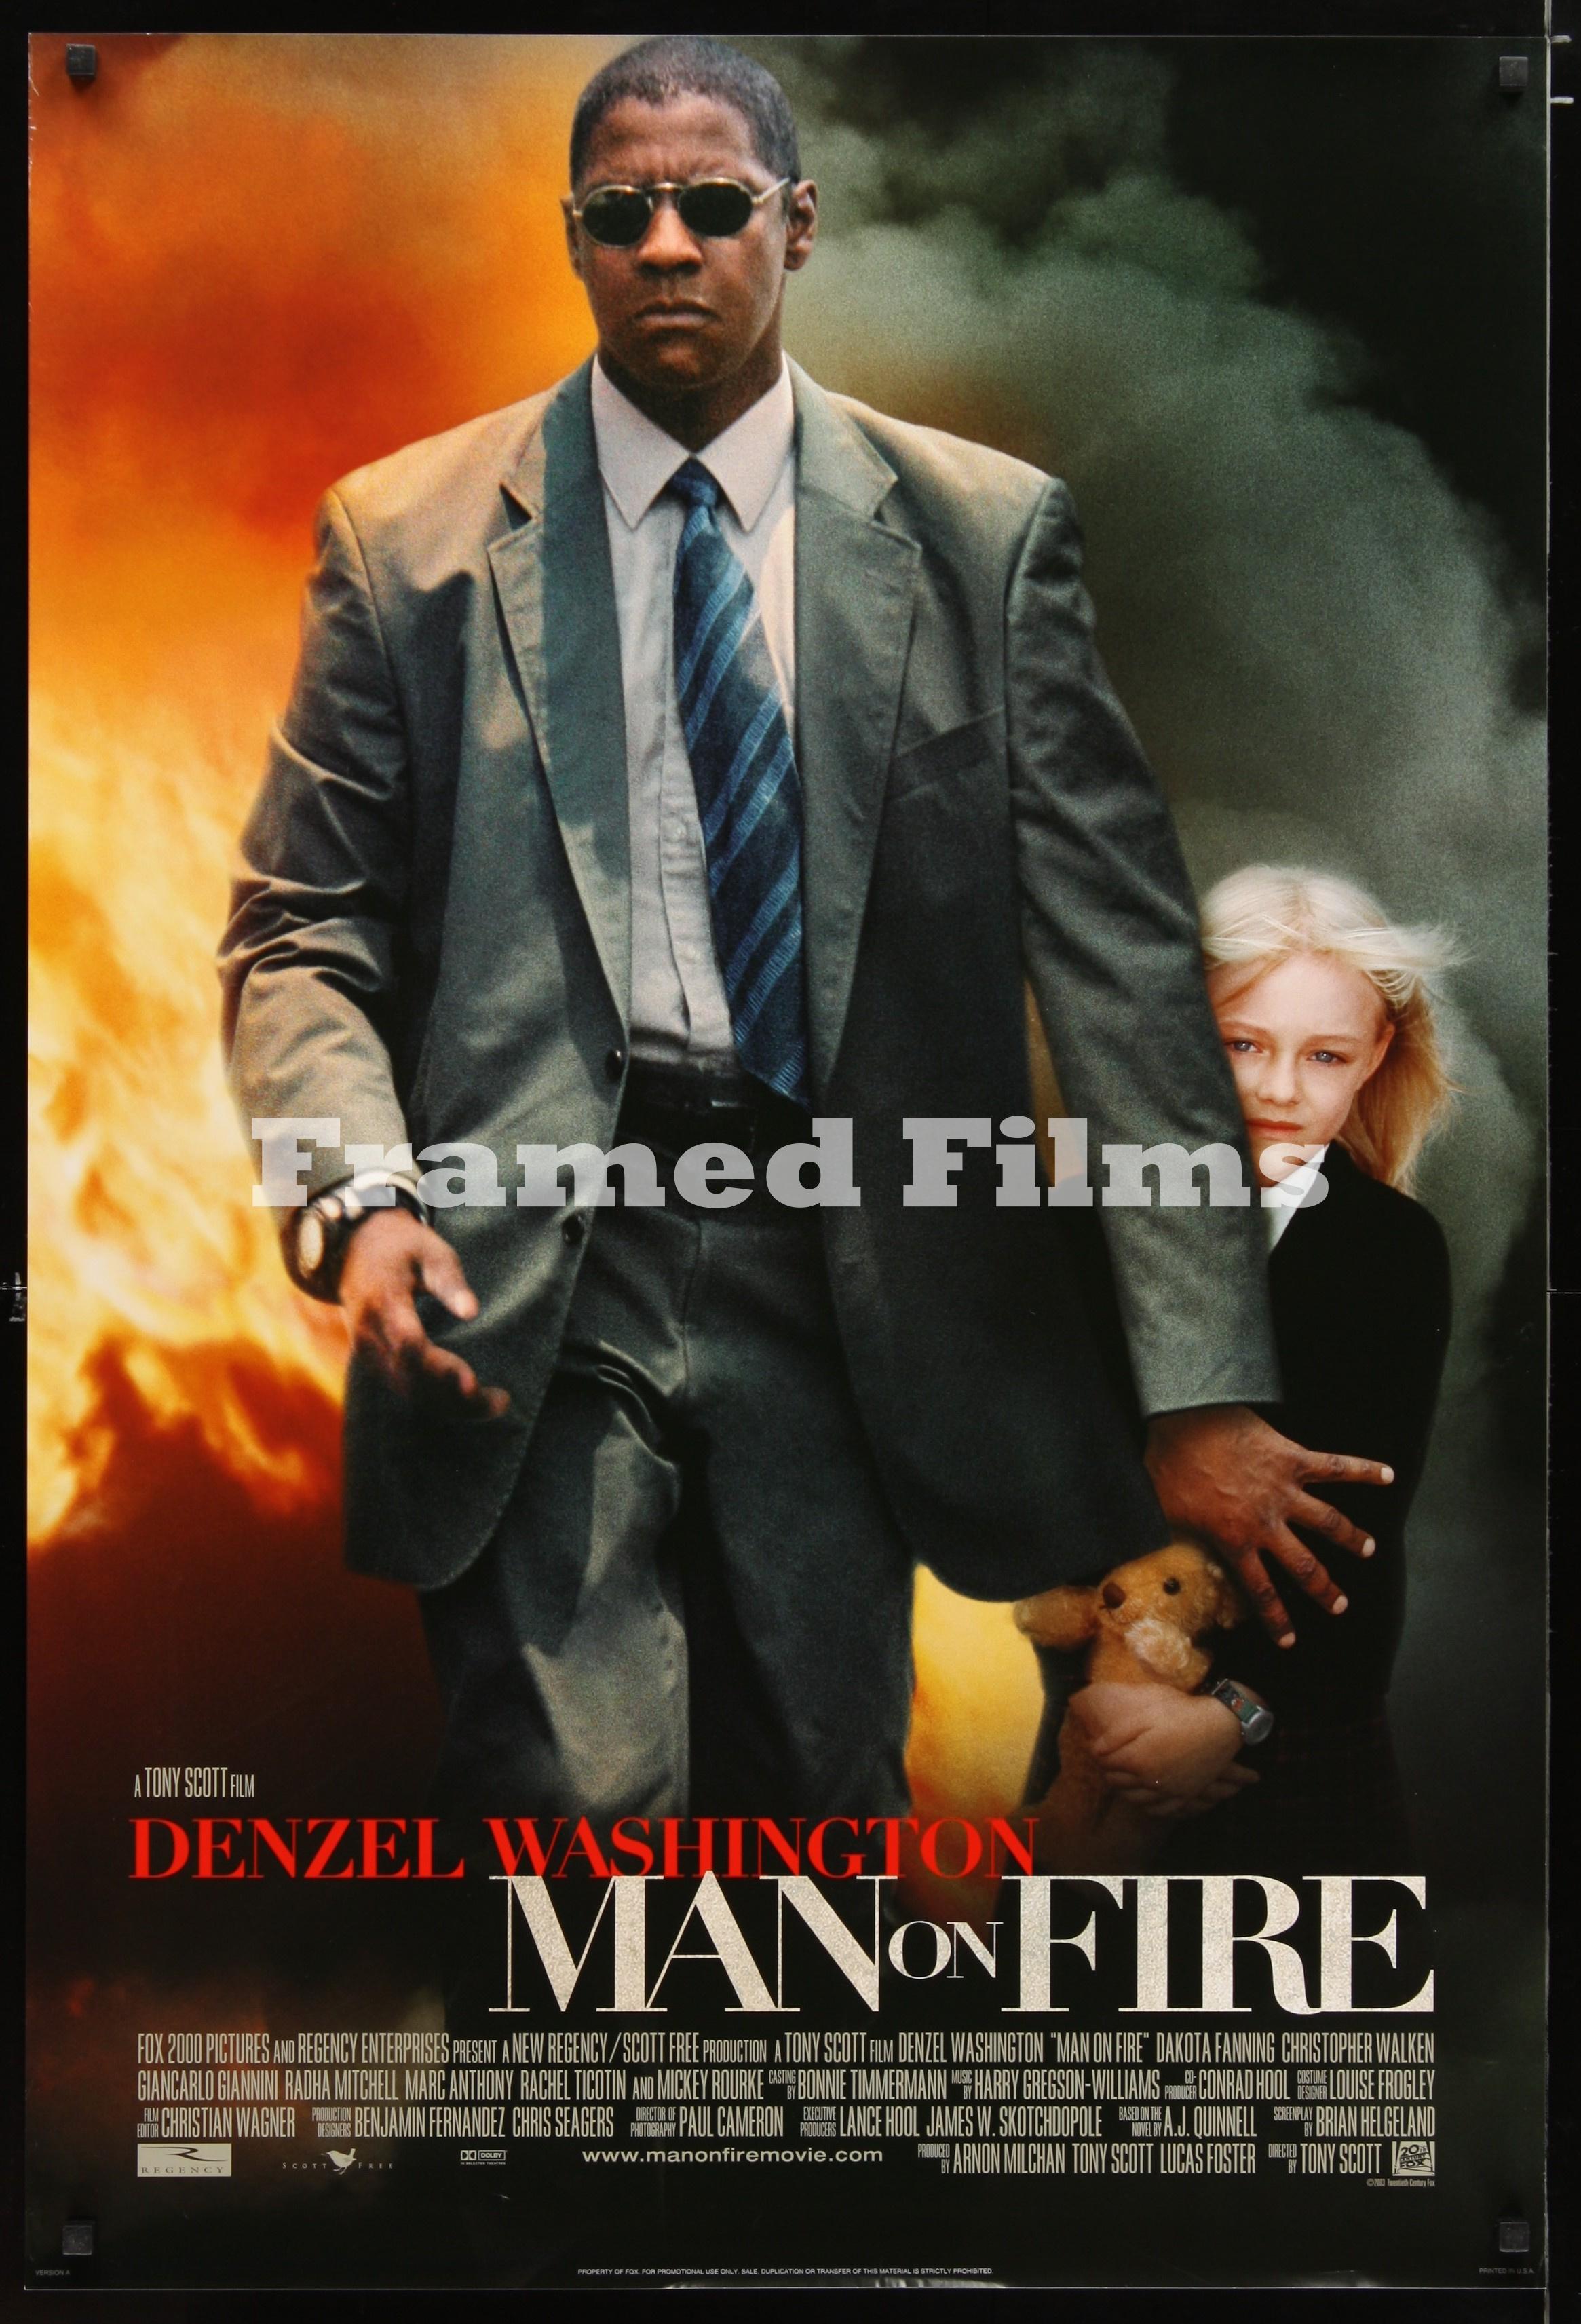 man_on_fire_INTL_styleA_MF01633_L.jpg